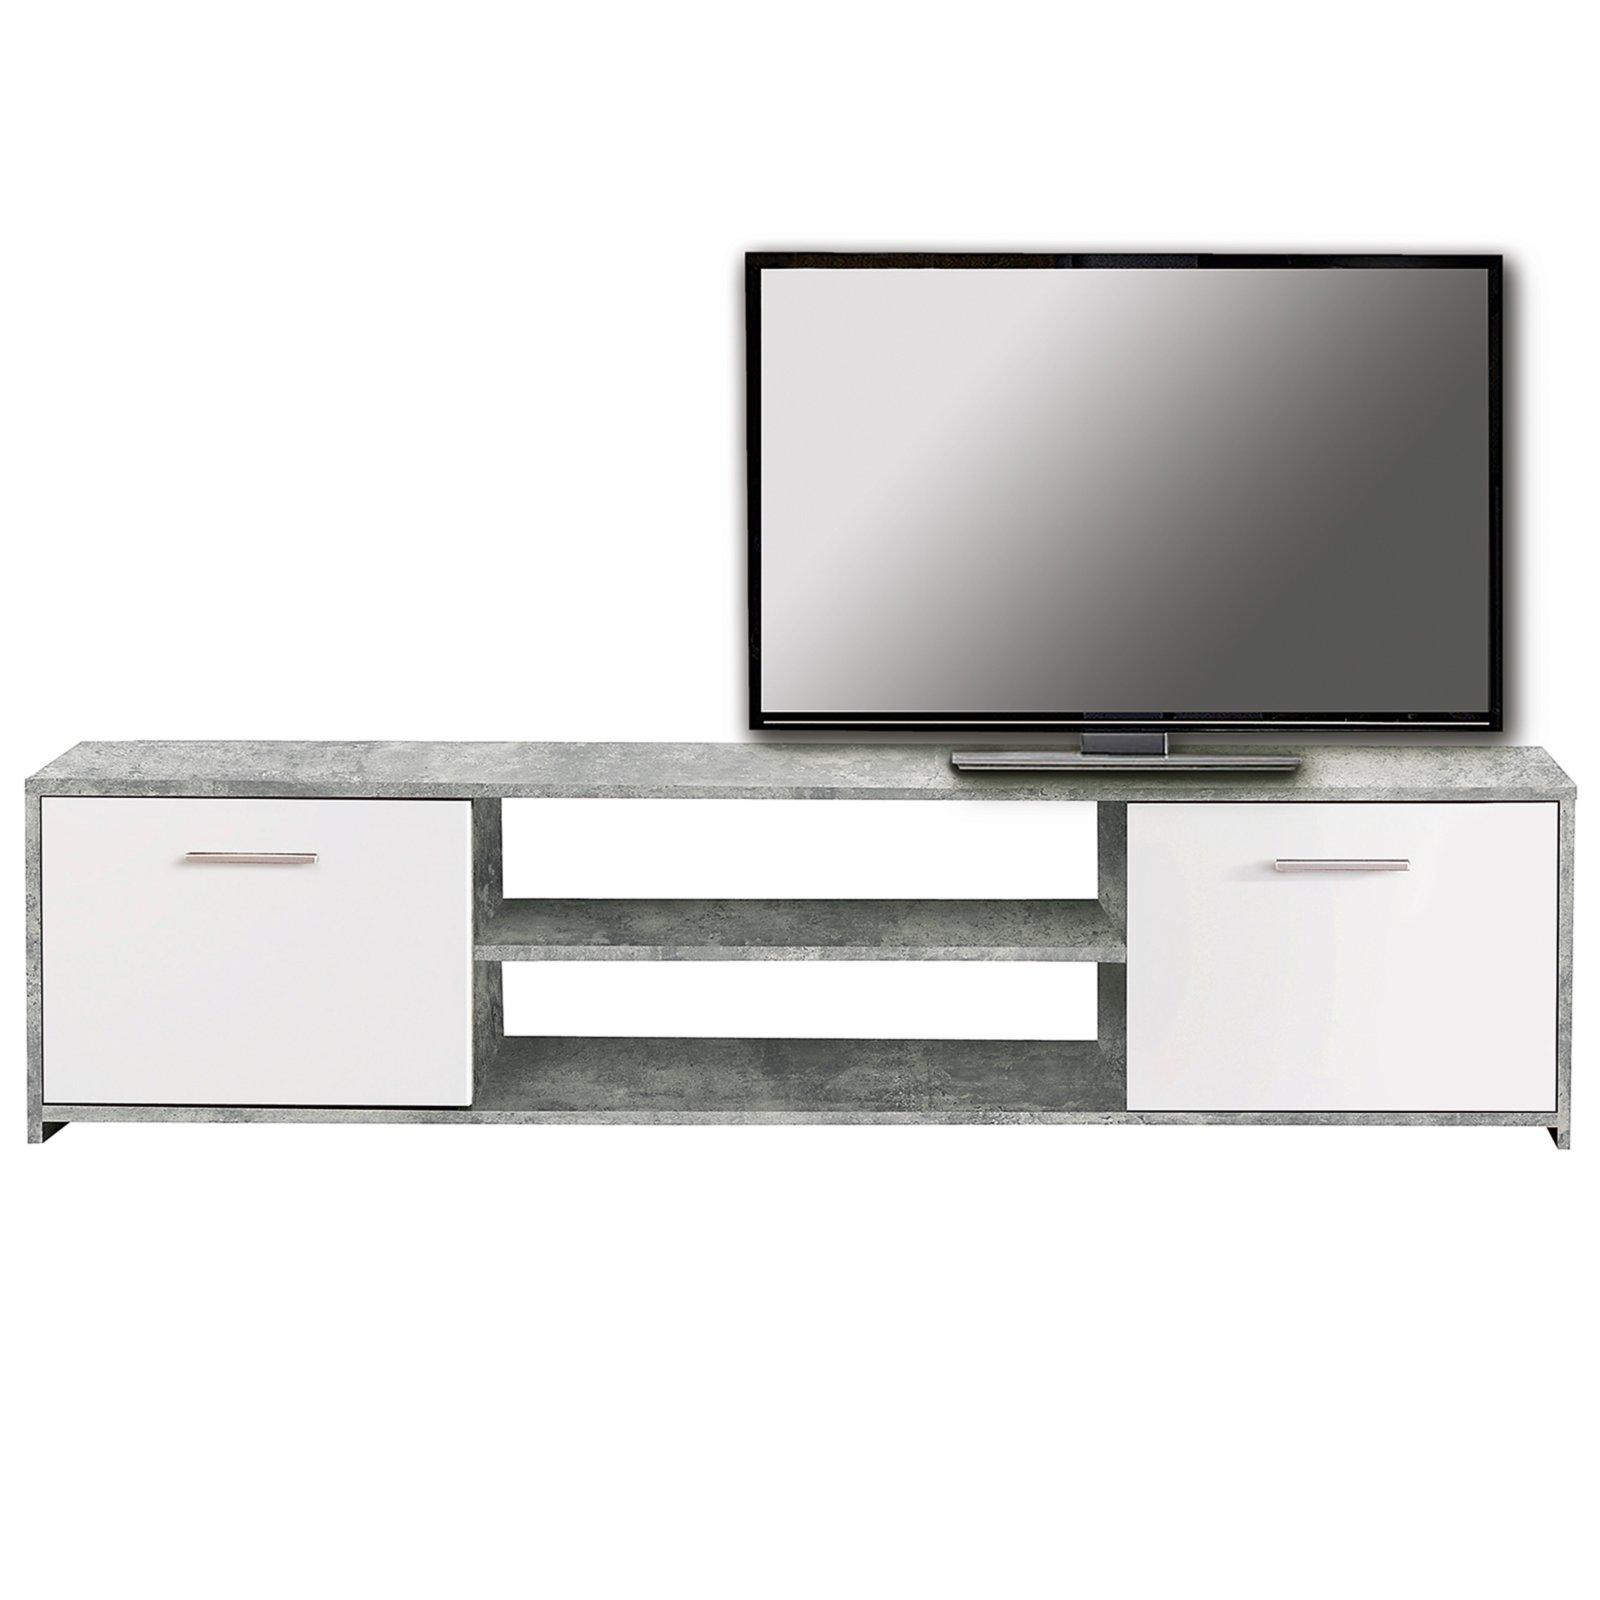 TV-Lowboards & TV-Bänke günstig von ROLLER online kaufen